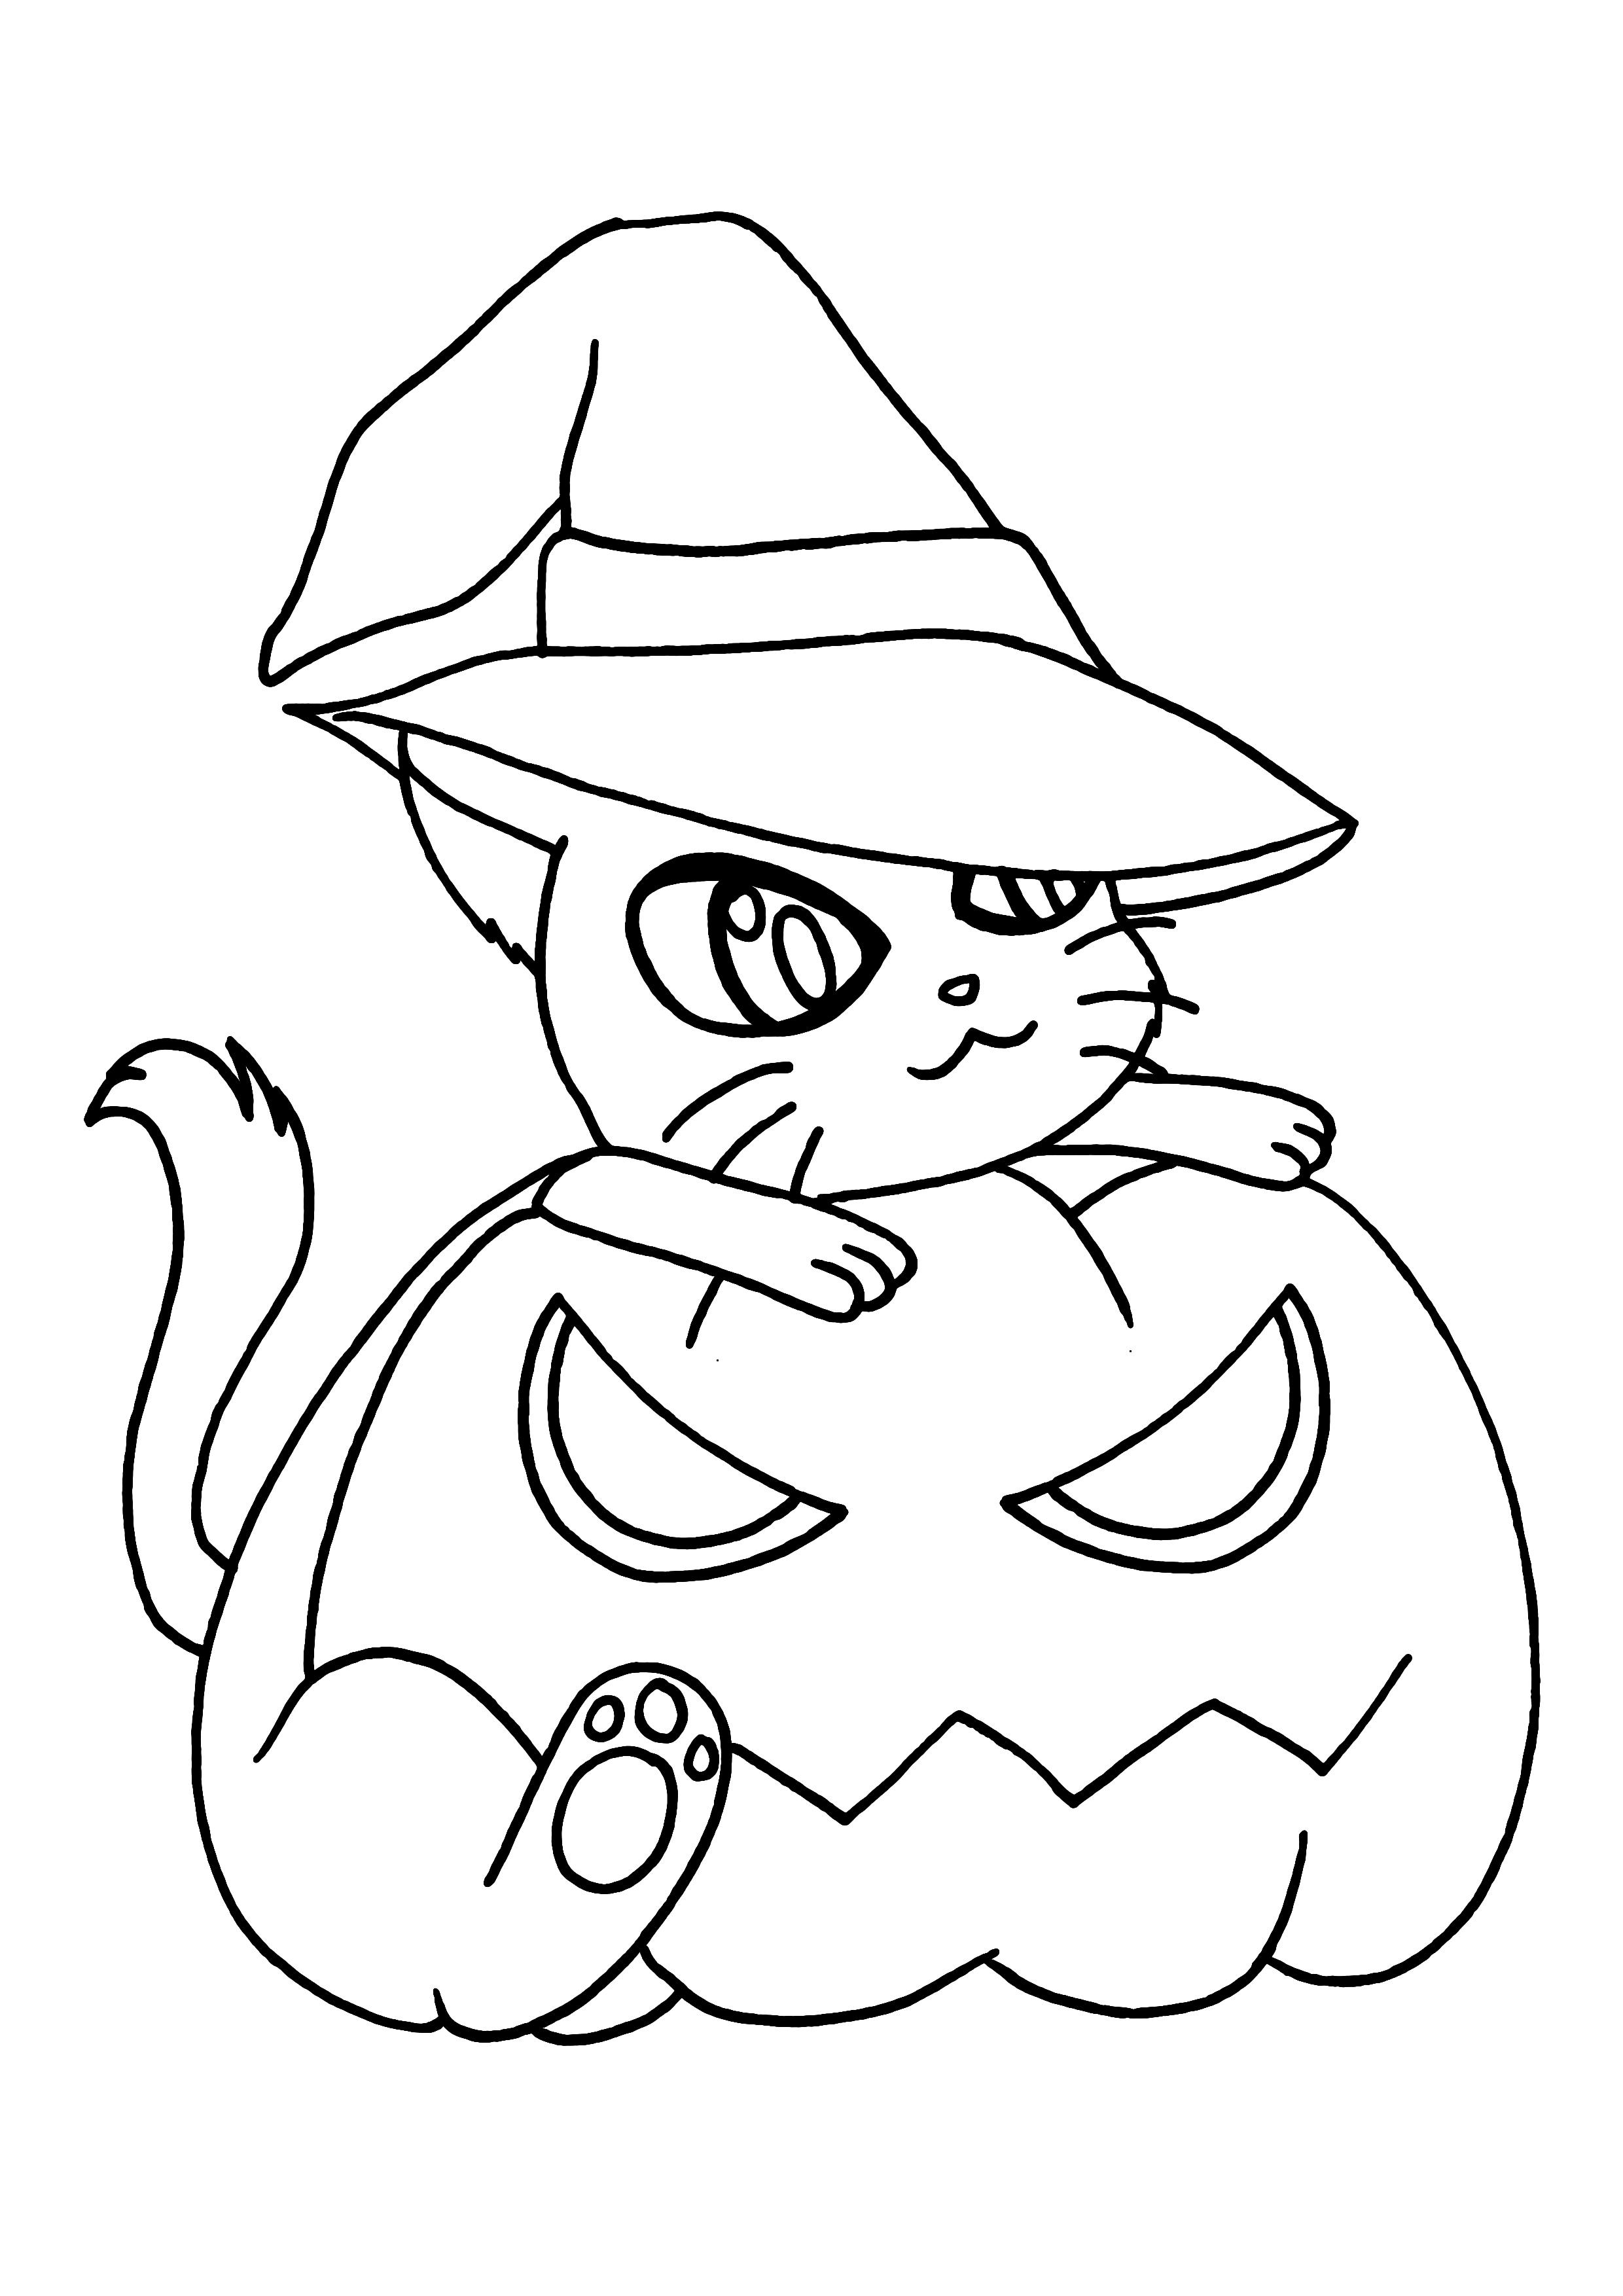 98 dessins de coloriage halloween en ligne imprimer - Dessin d halloween qui fait peur ...